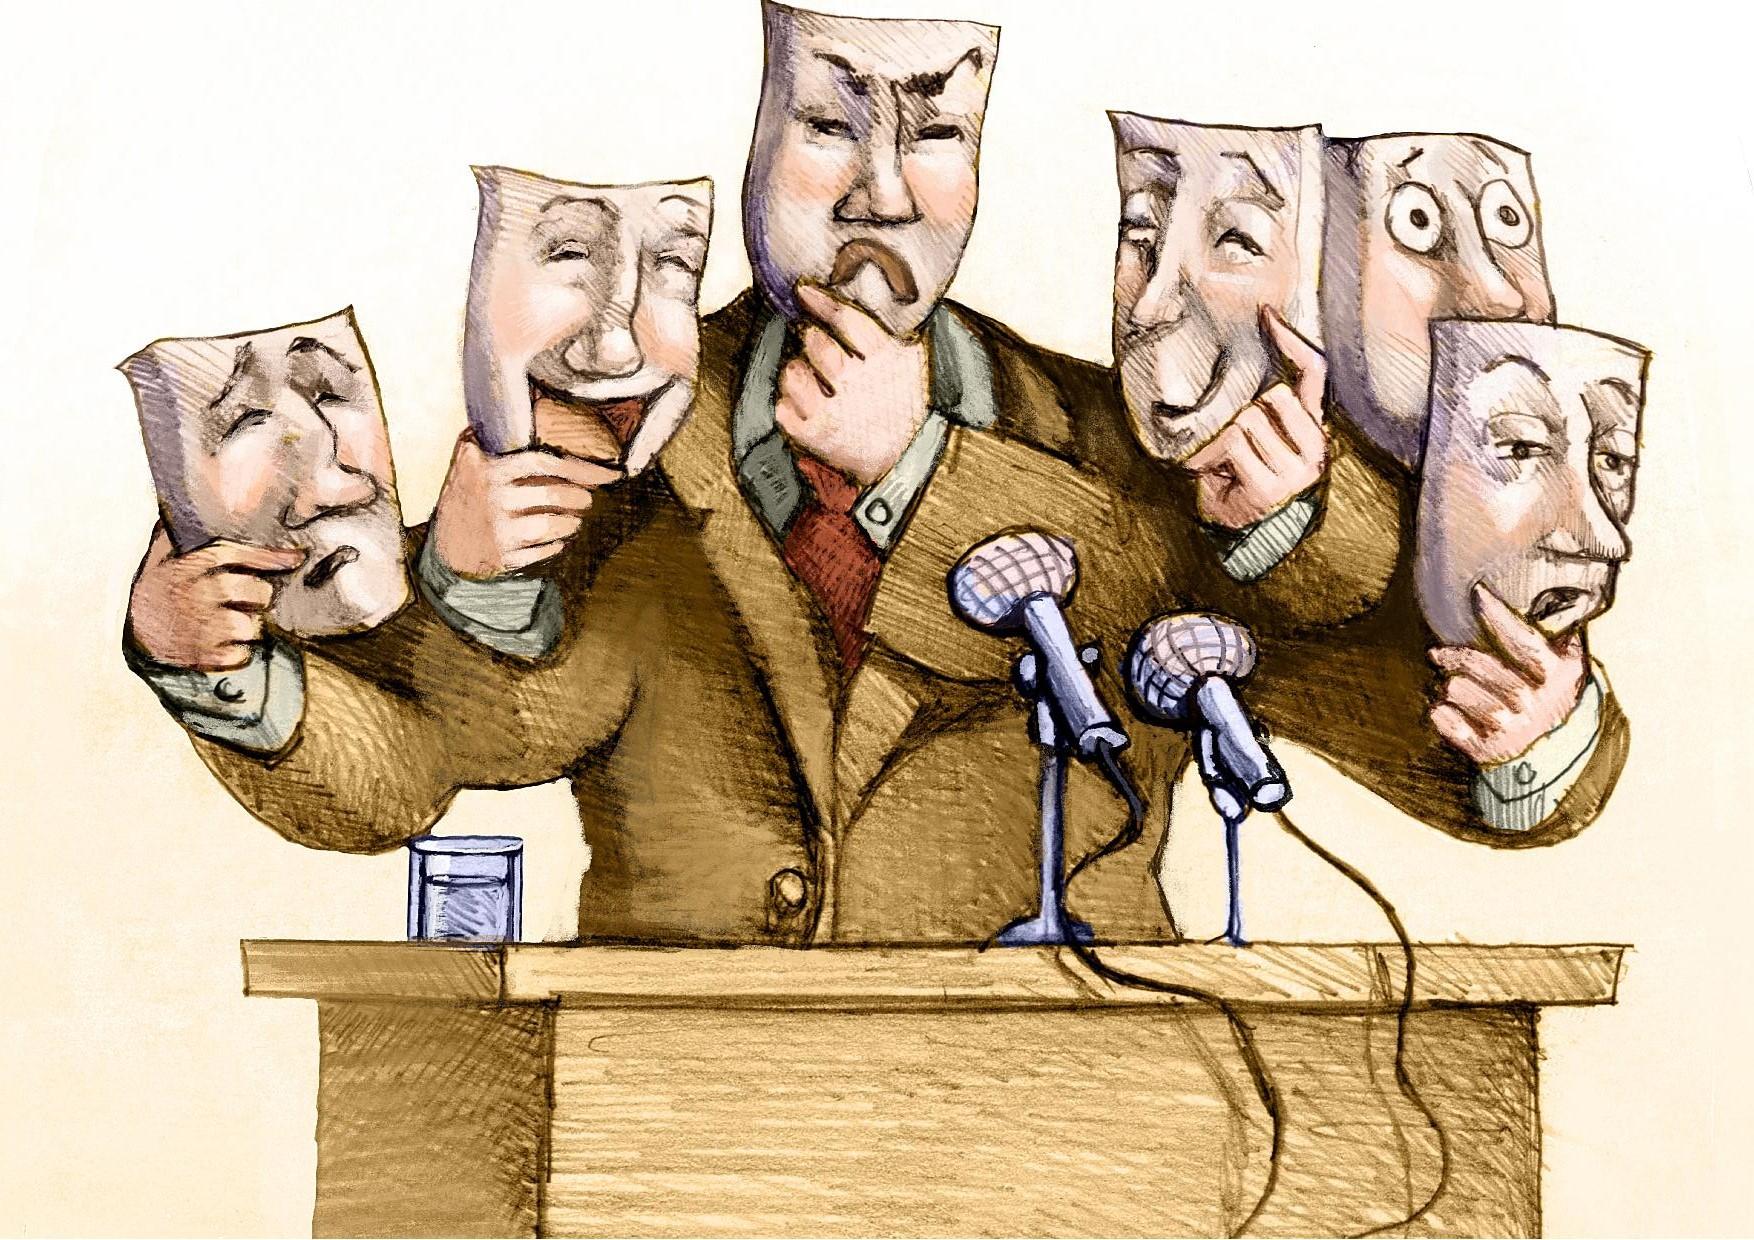 Mettre fin au double langage | Le Cercle des Echos